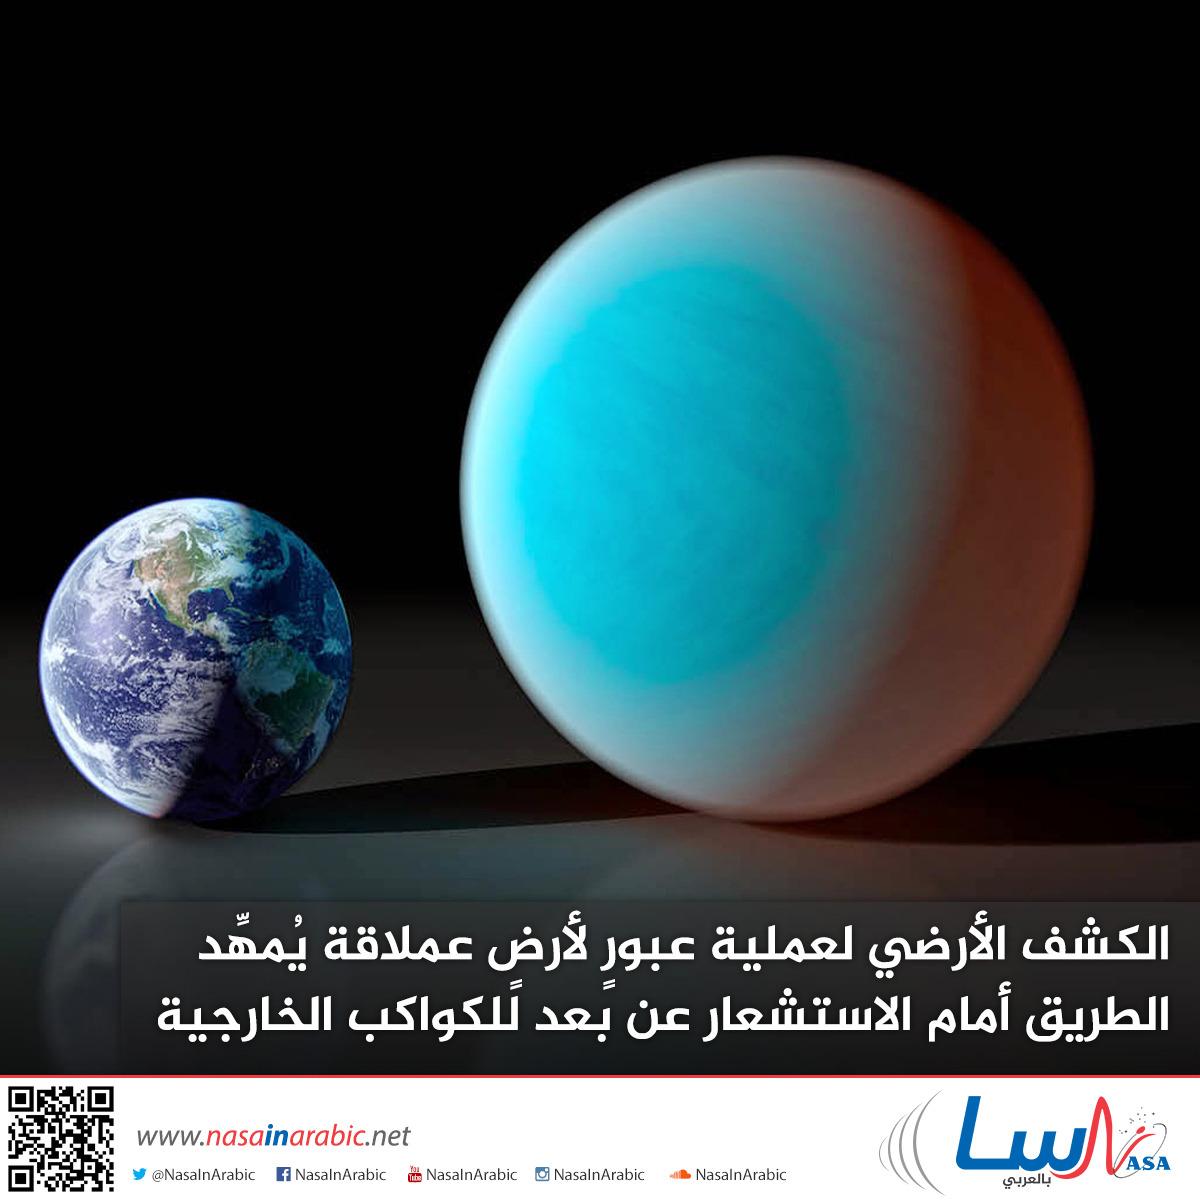 الكشف الأرضي لعملية عبورٍ لأرضٍ عملاقة يُمهِّد الطريق أمام الاستشعار عن بعد للكواكب الخارجية الصغيرة